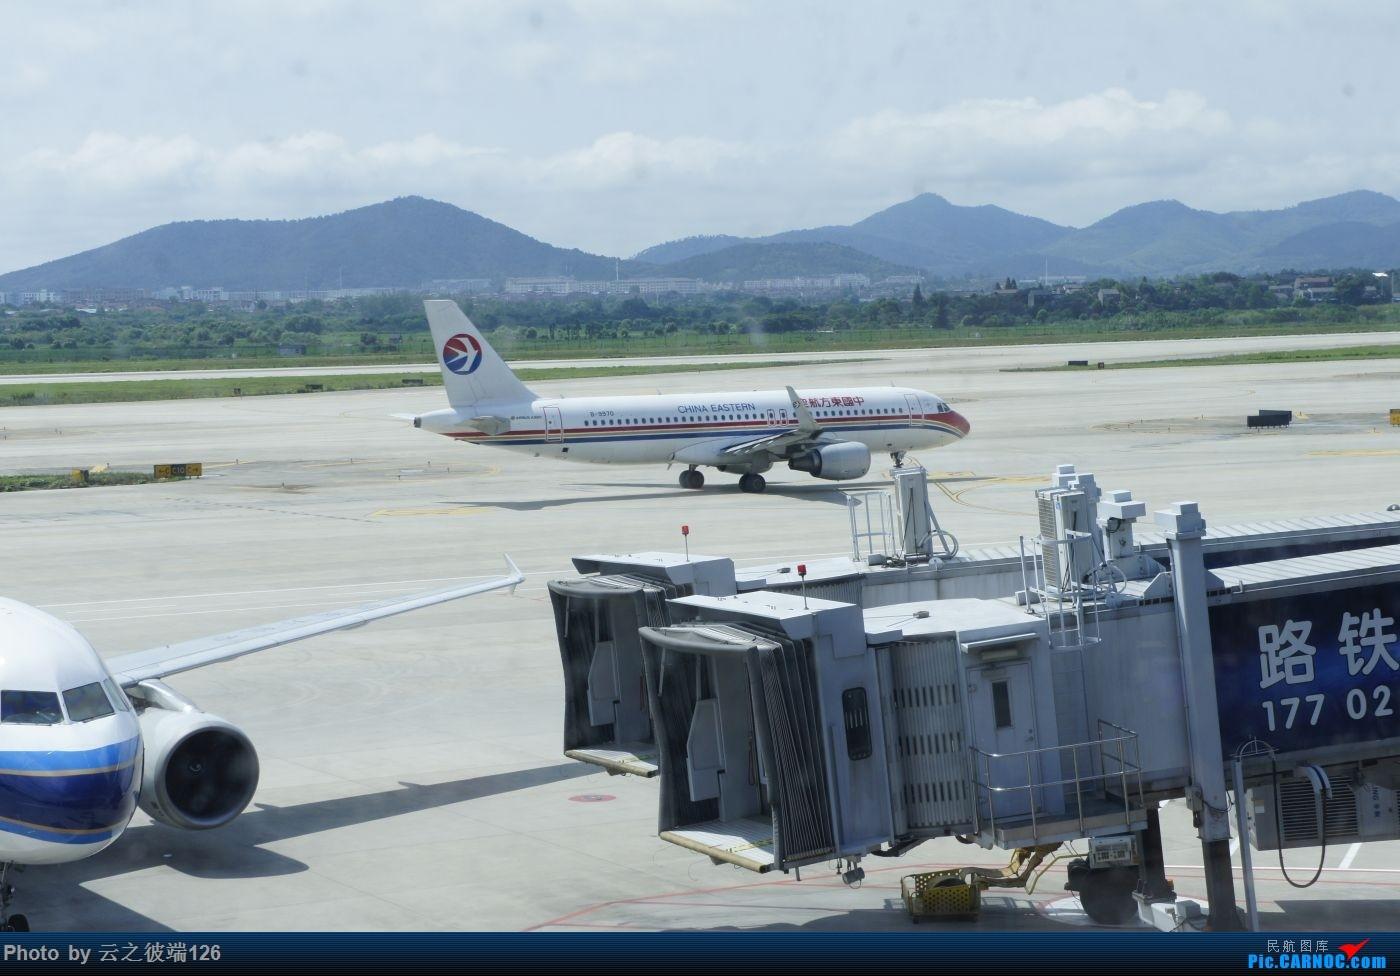 Re:[原创]---步入中原,时隔三年意外遇见你 NKG-XIY-HFE--- AIRBUS A320-200 B-9970 中国南京禄口国际机场